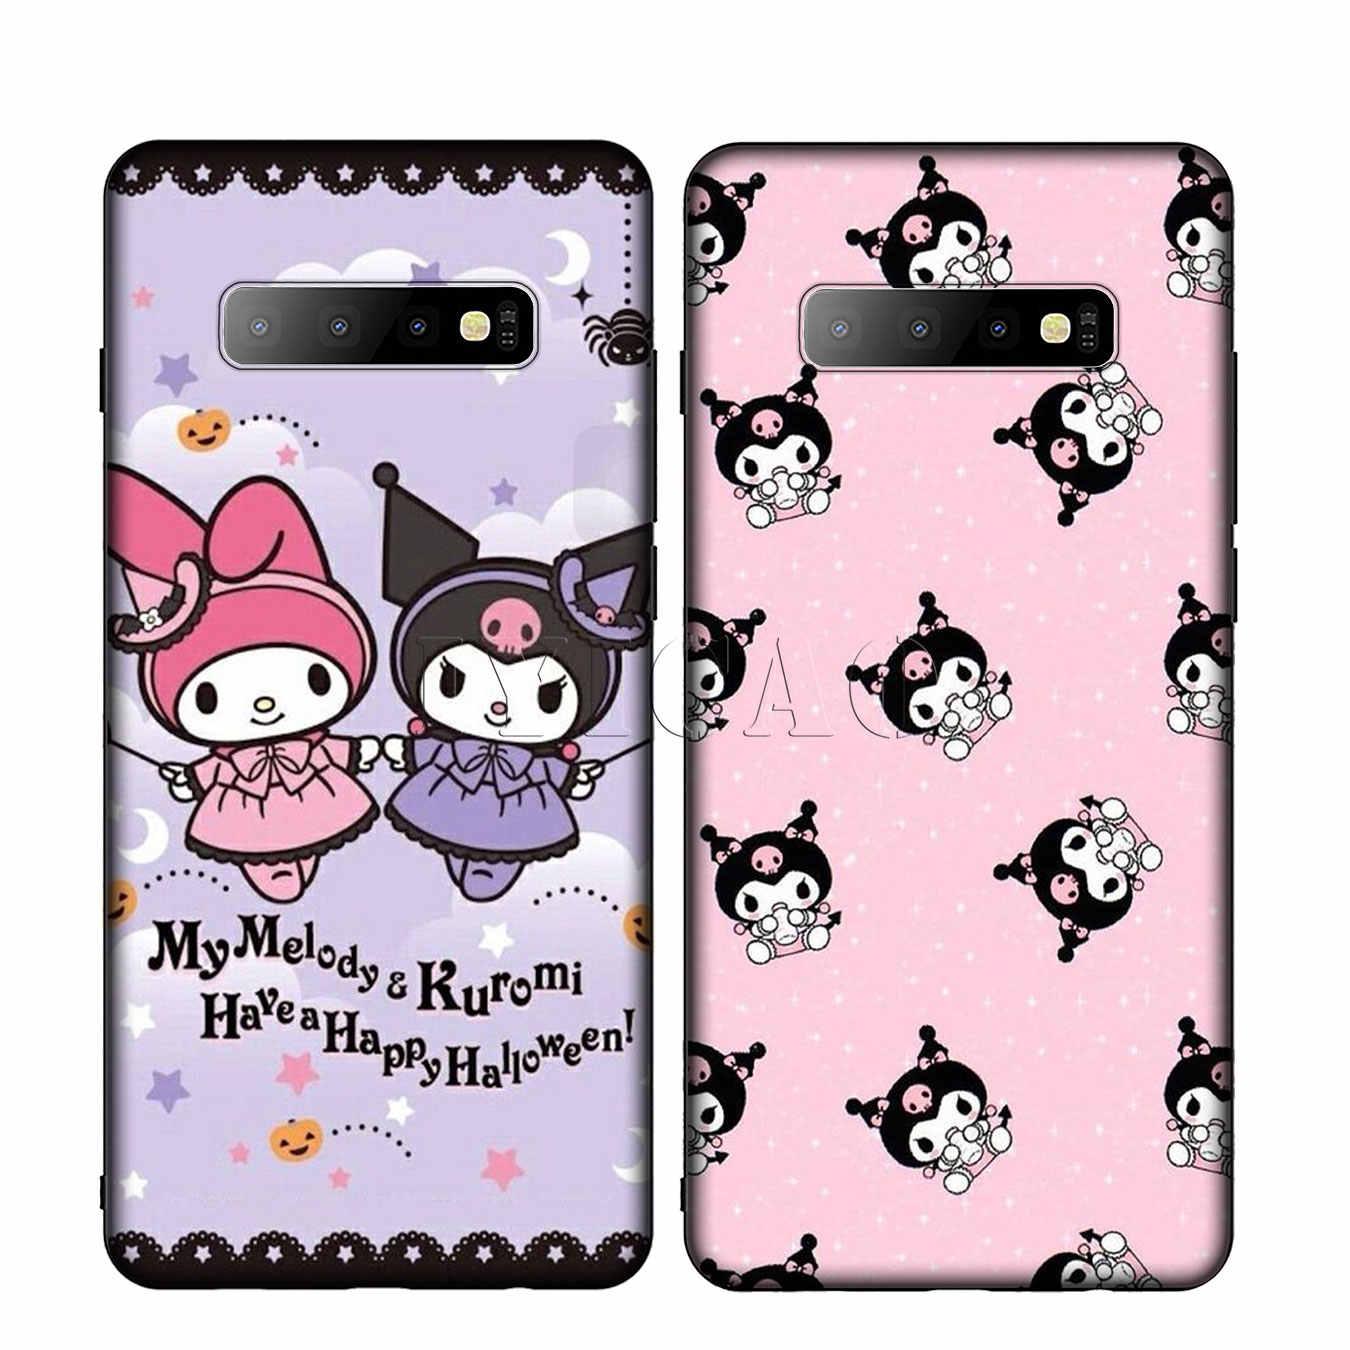 Kuromi IYICAO Colorido Bonito do amor de Silicone Caso Telefone Macio para Samsung Galaxy S10 S9 S8 Plus S6 S7 Borda S10e E Tampa